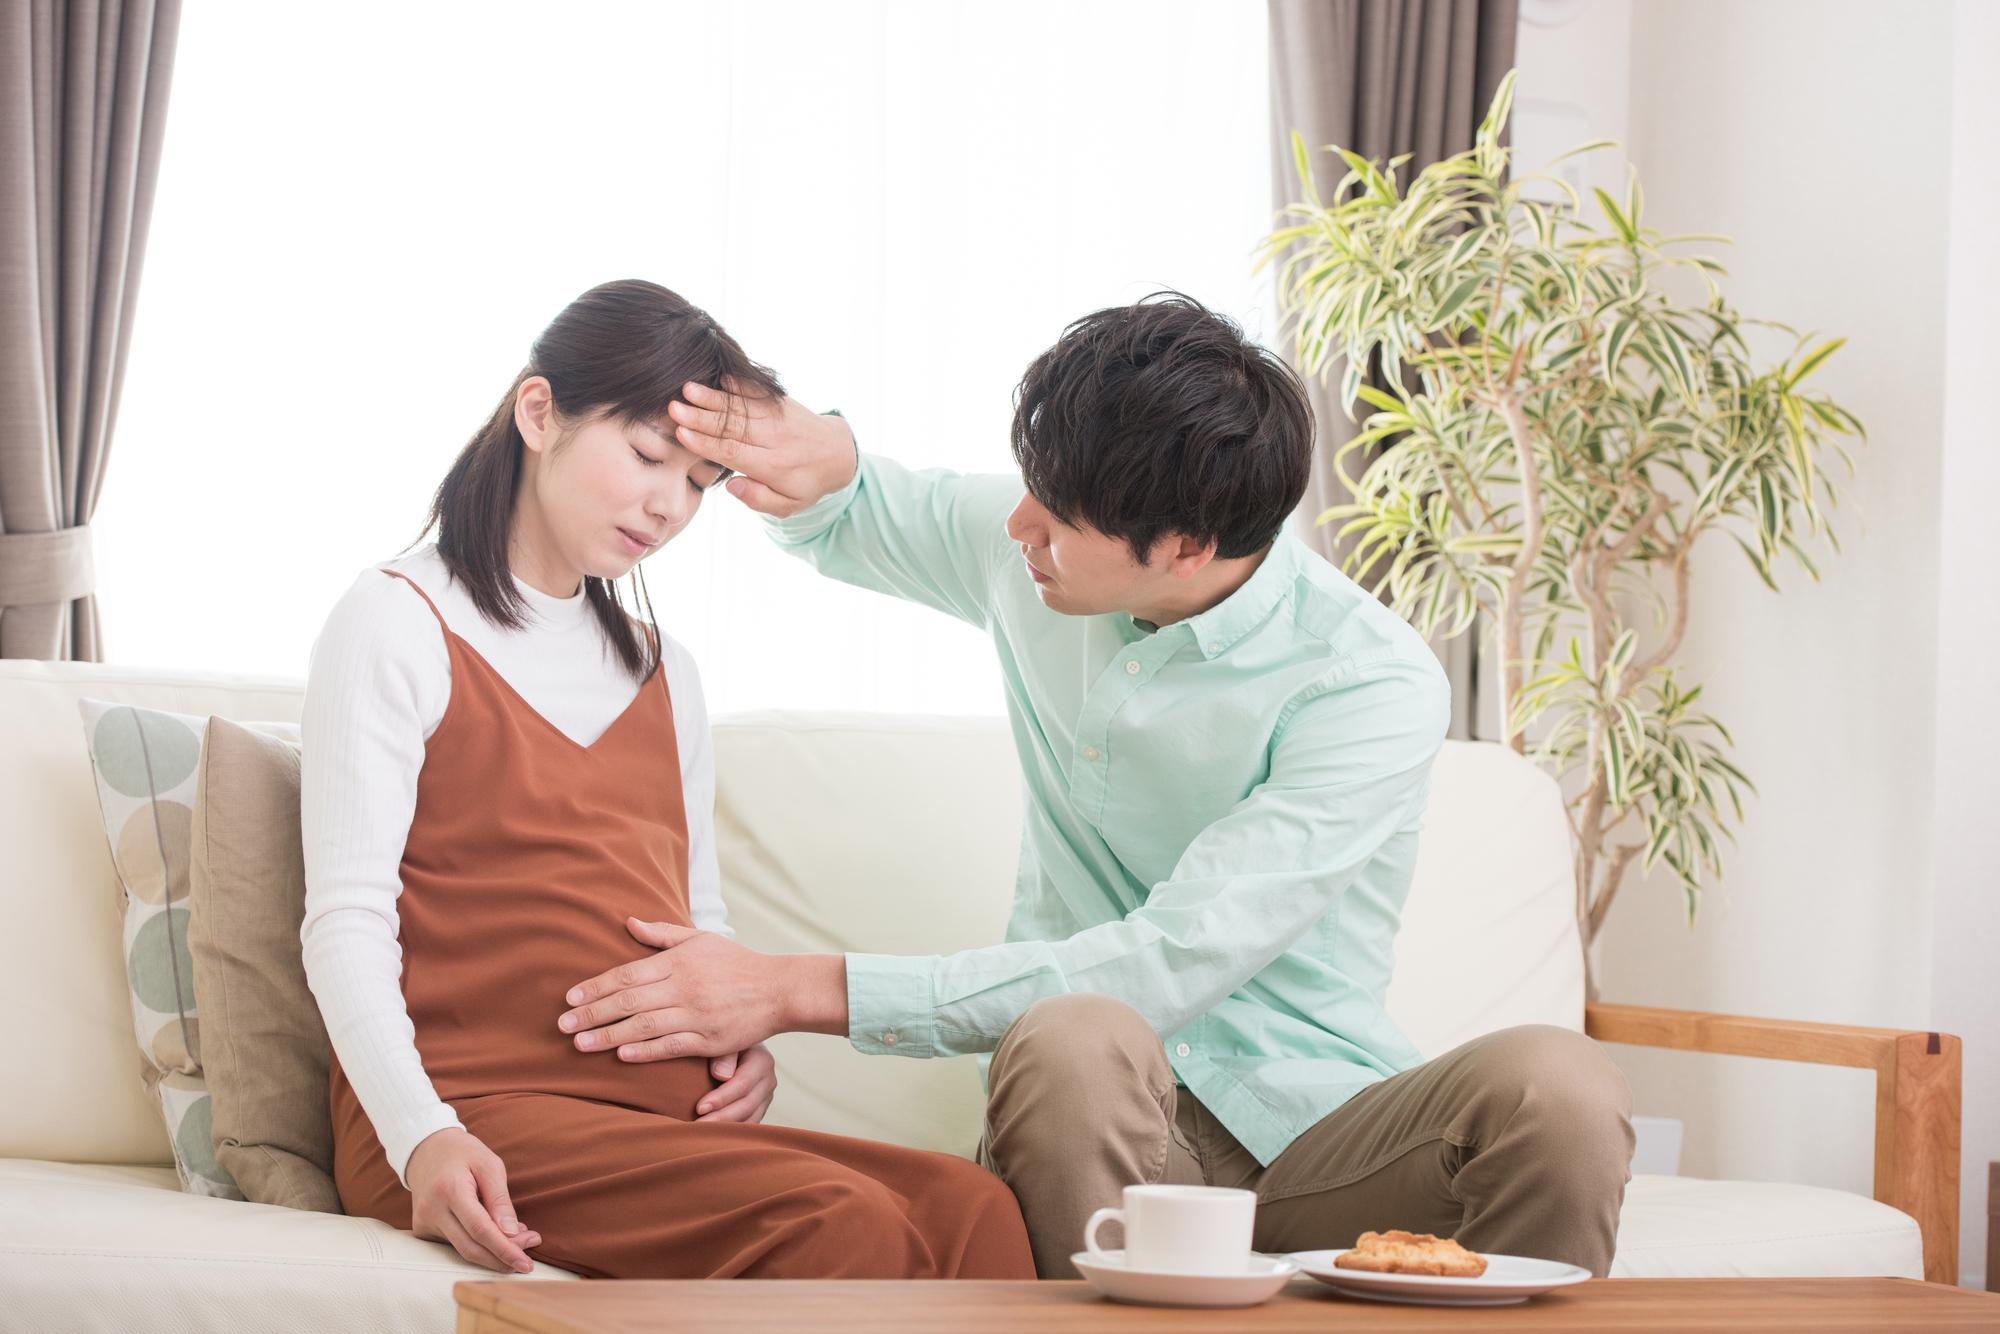 妊婦の発熱の下げ方|胎児に影響は?病院は何度から?お風呂も【医師監修】